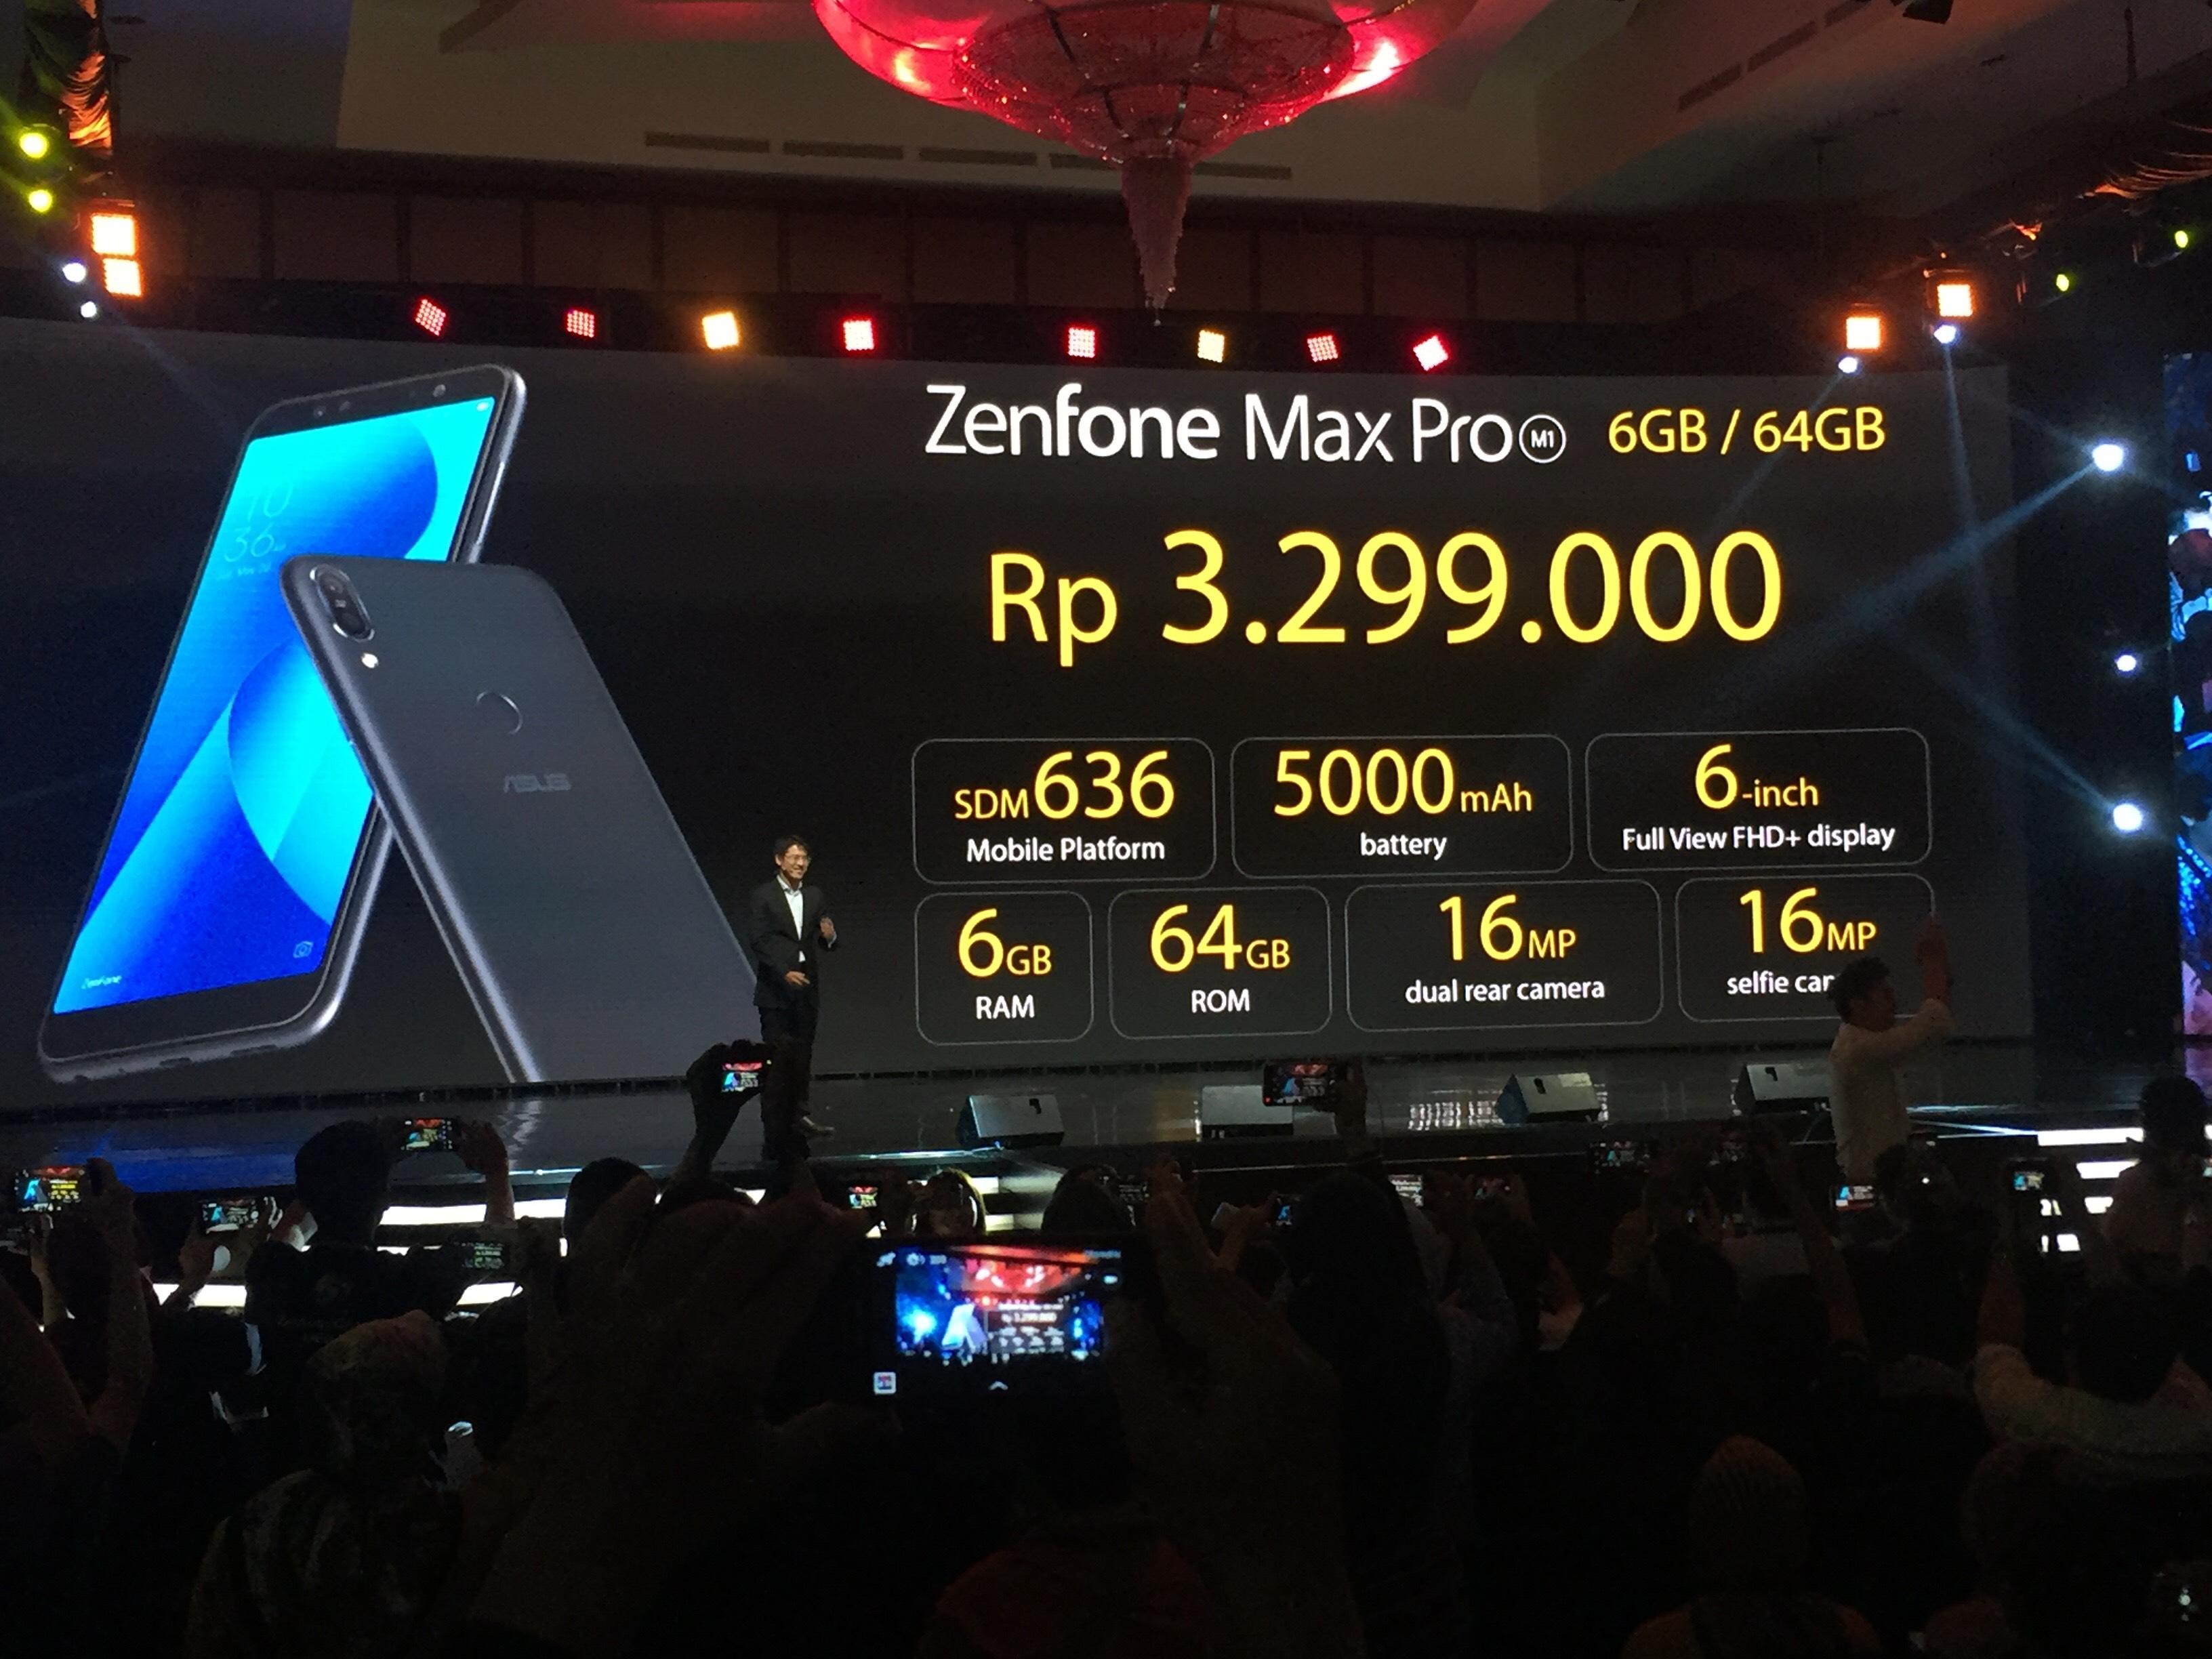 Peluncuran Asus Zenfone Max PRO M1 dalam gelara Asus Limitless Gaming Max Series Launch bertempat di Ritz Calrlton Pacific Palace, Jakarta, Senin (23/4/2018). Foto : Ikhwan